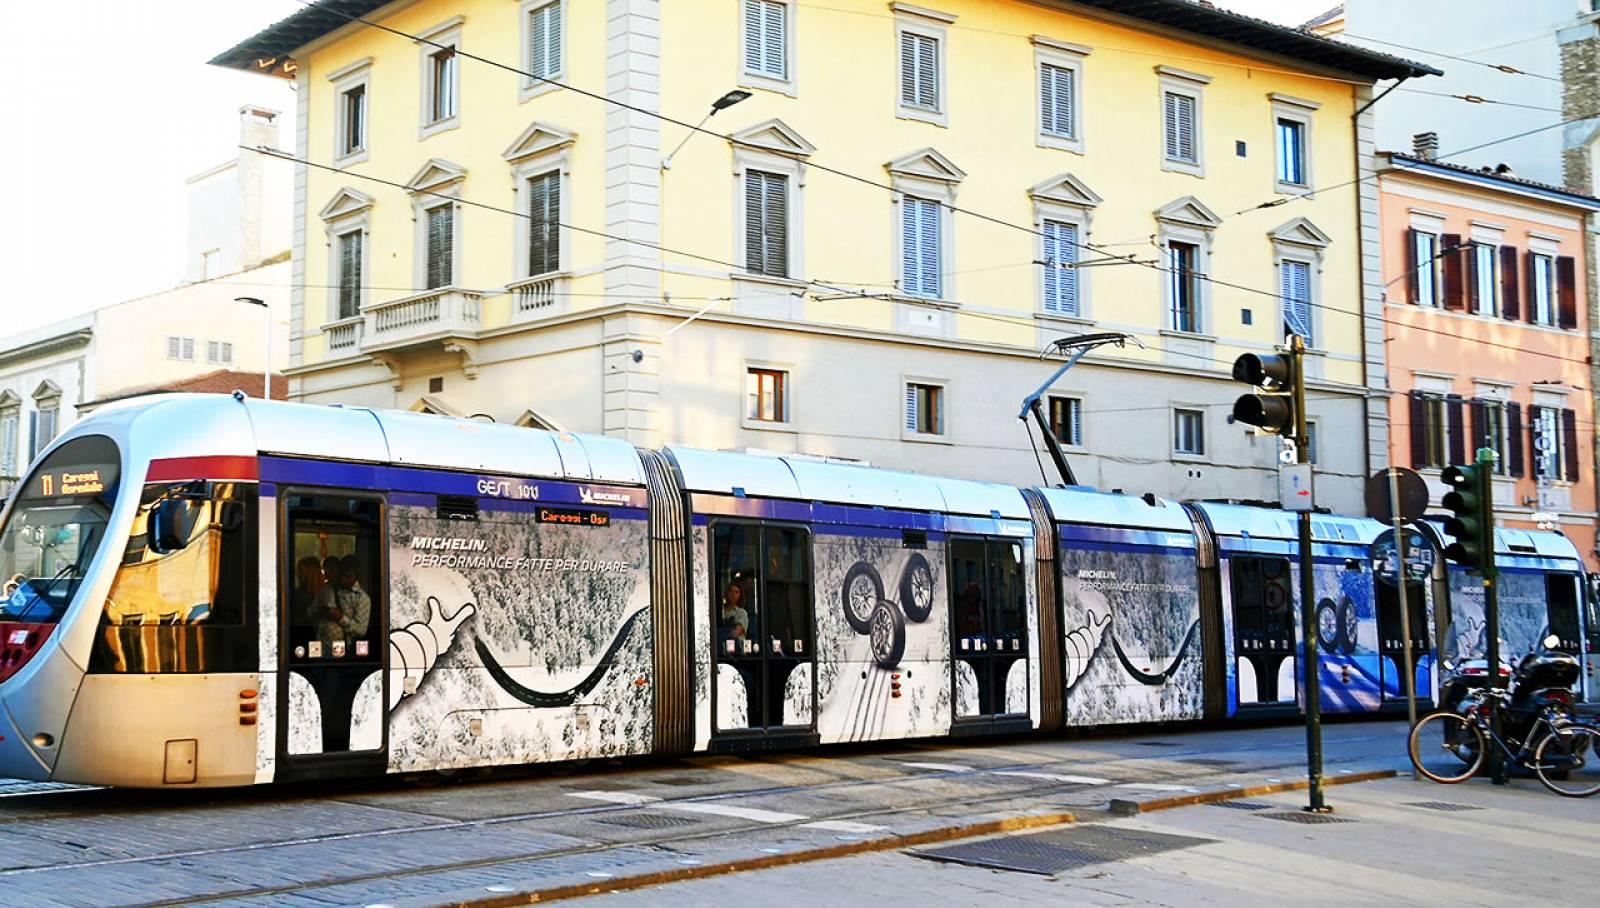 Pubblicità sui tram a Firenze IGPDecaux Full-Wrap per Michelin